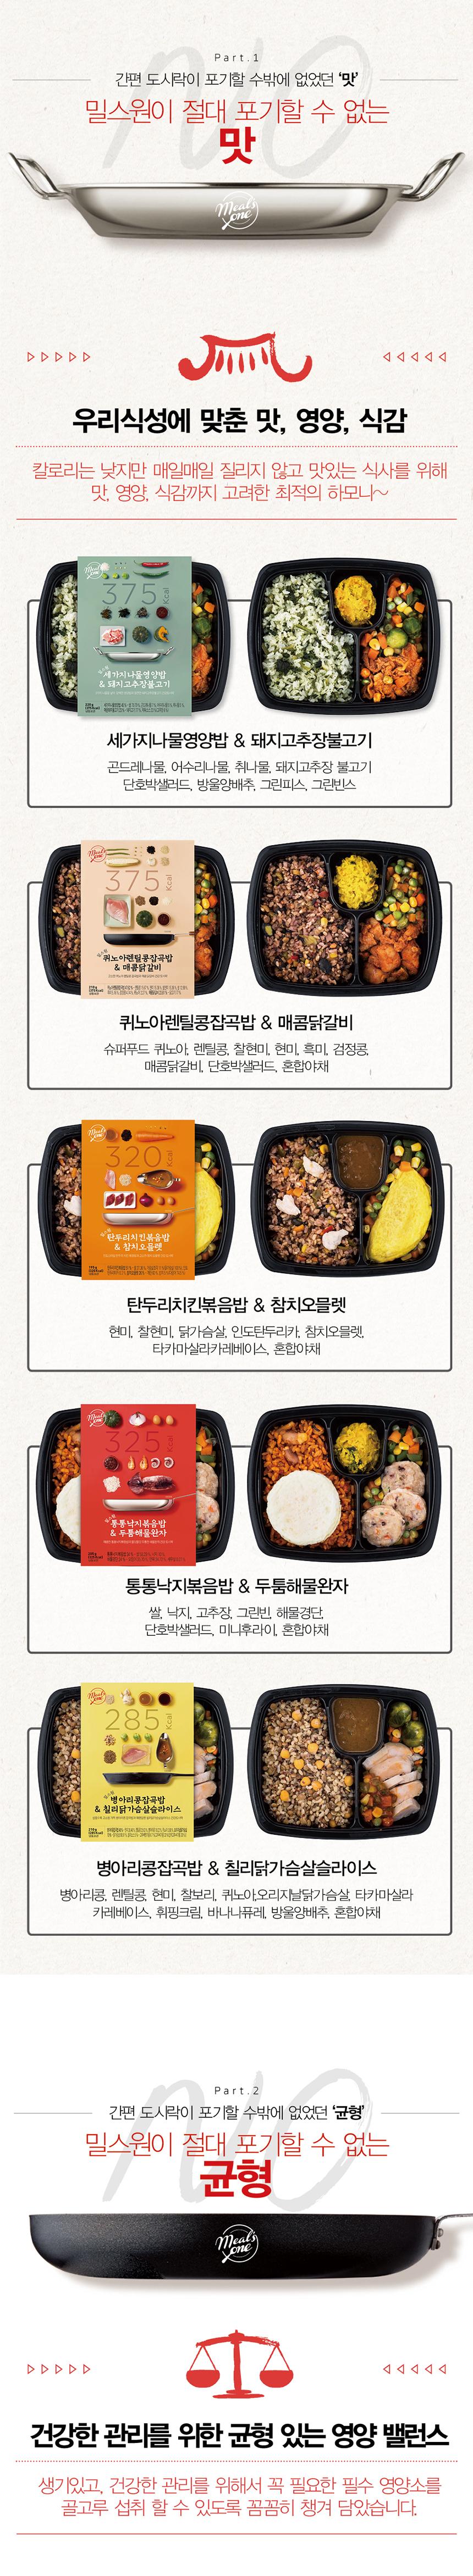 식단관리 도시락 5종 10팩 - 밀스원, 42,000원, 보조식품, 다이어트식품